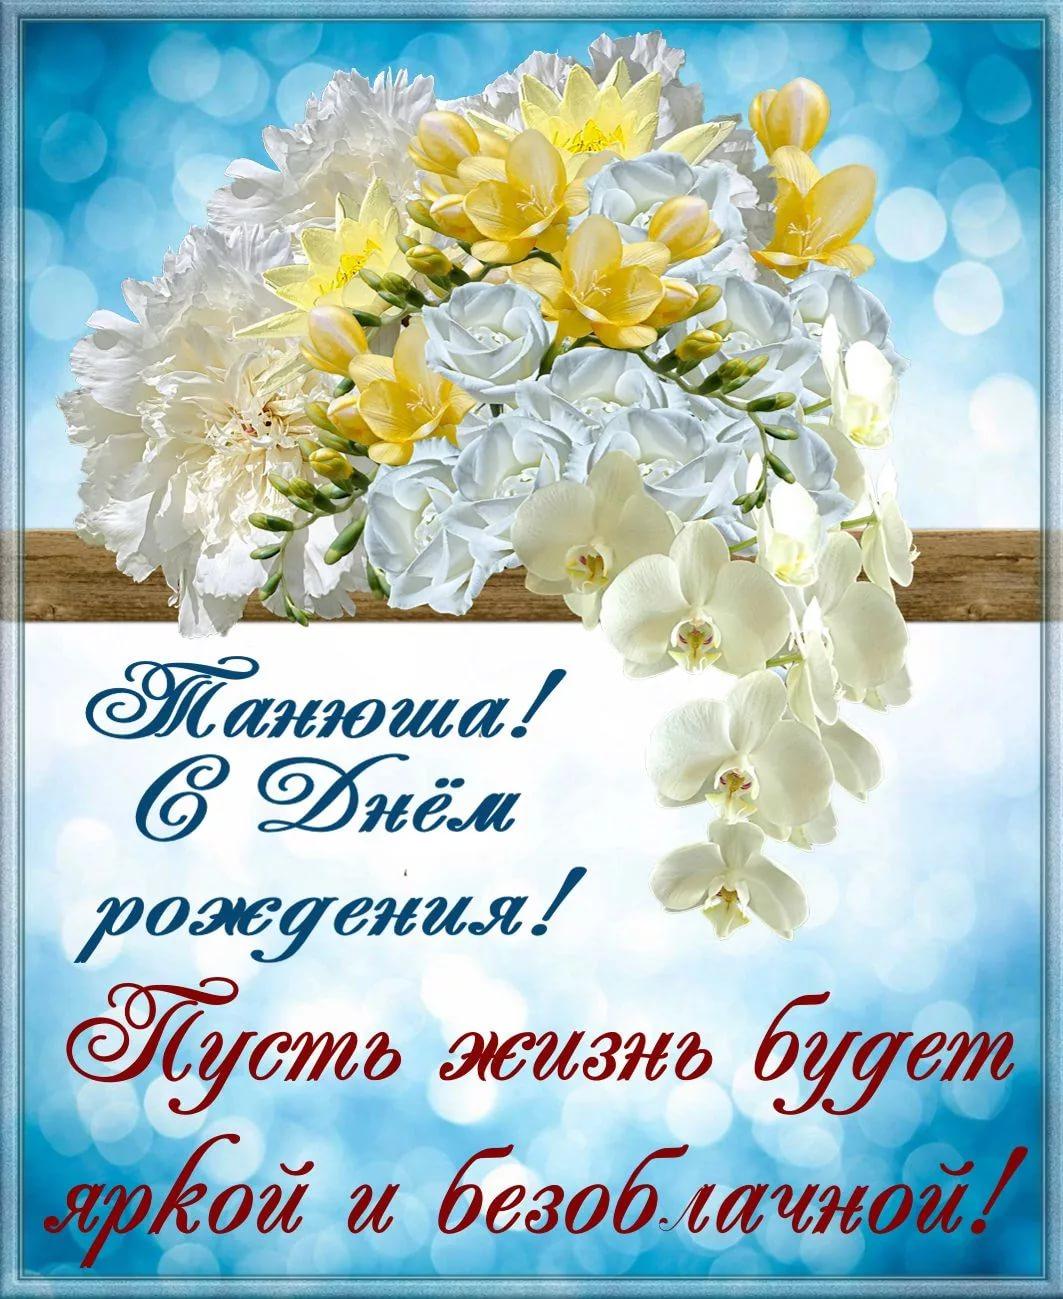 Добрые открытки с днем рождения женщине татьяна бесплатно 6